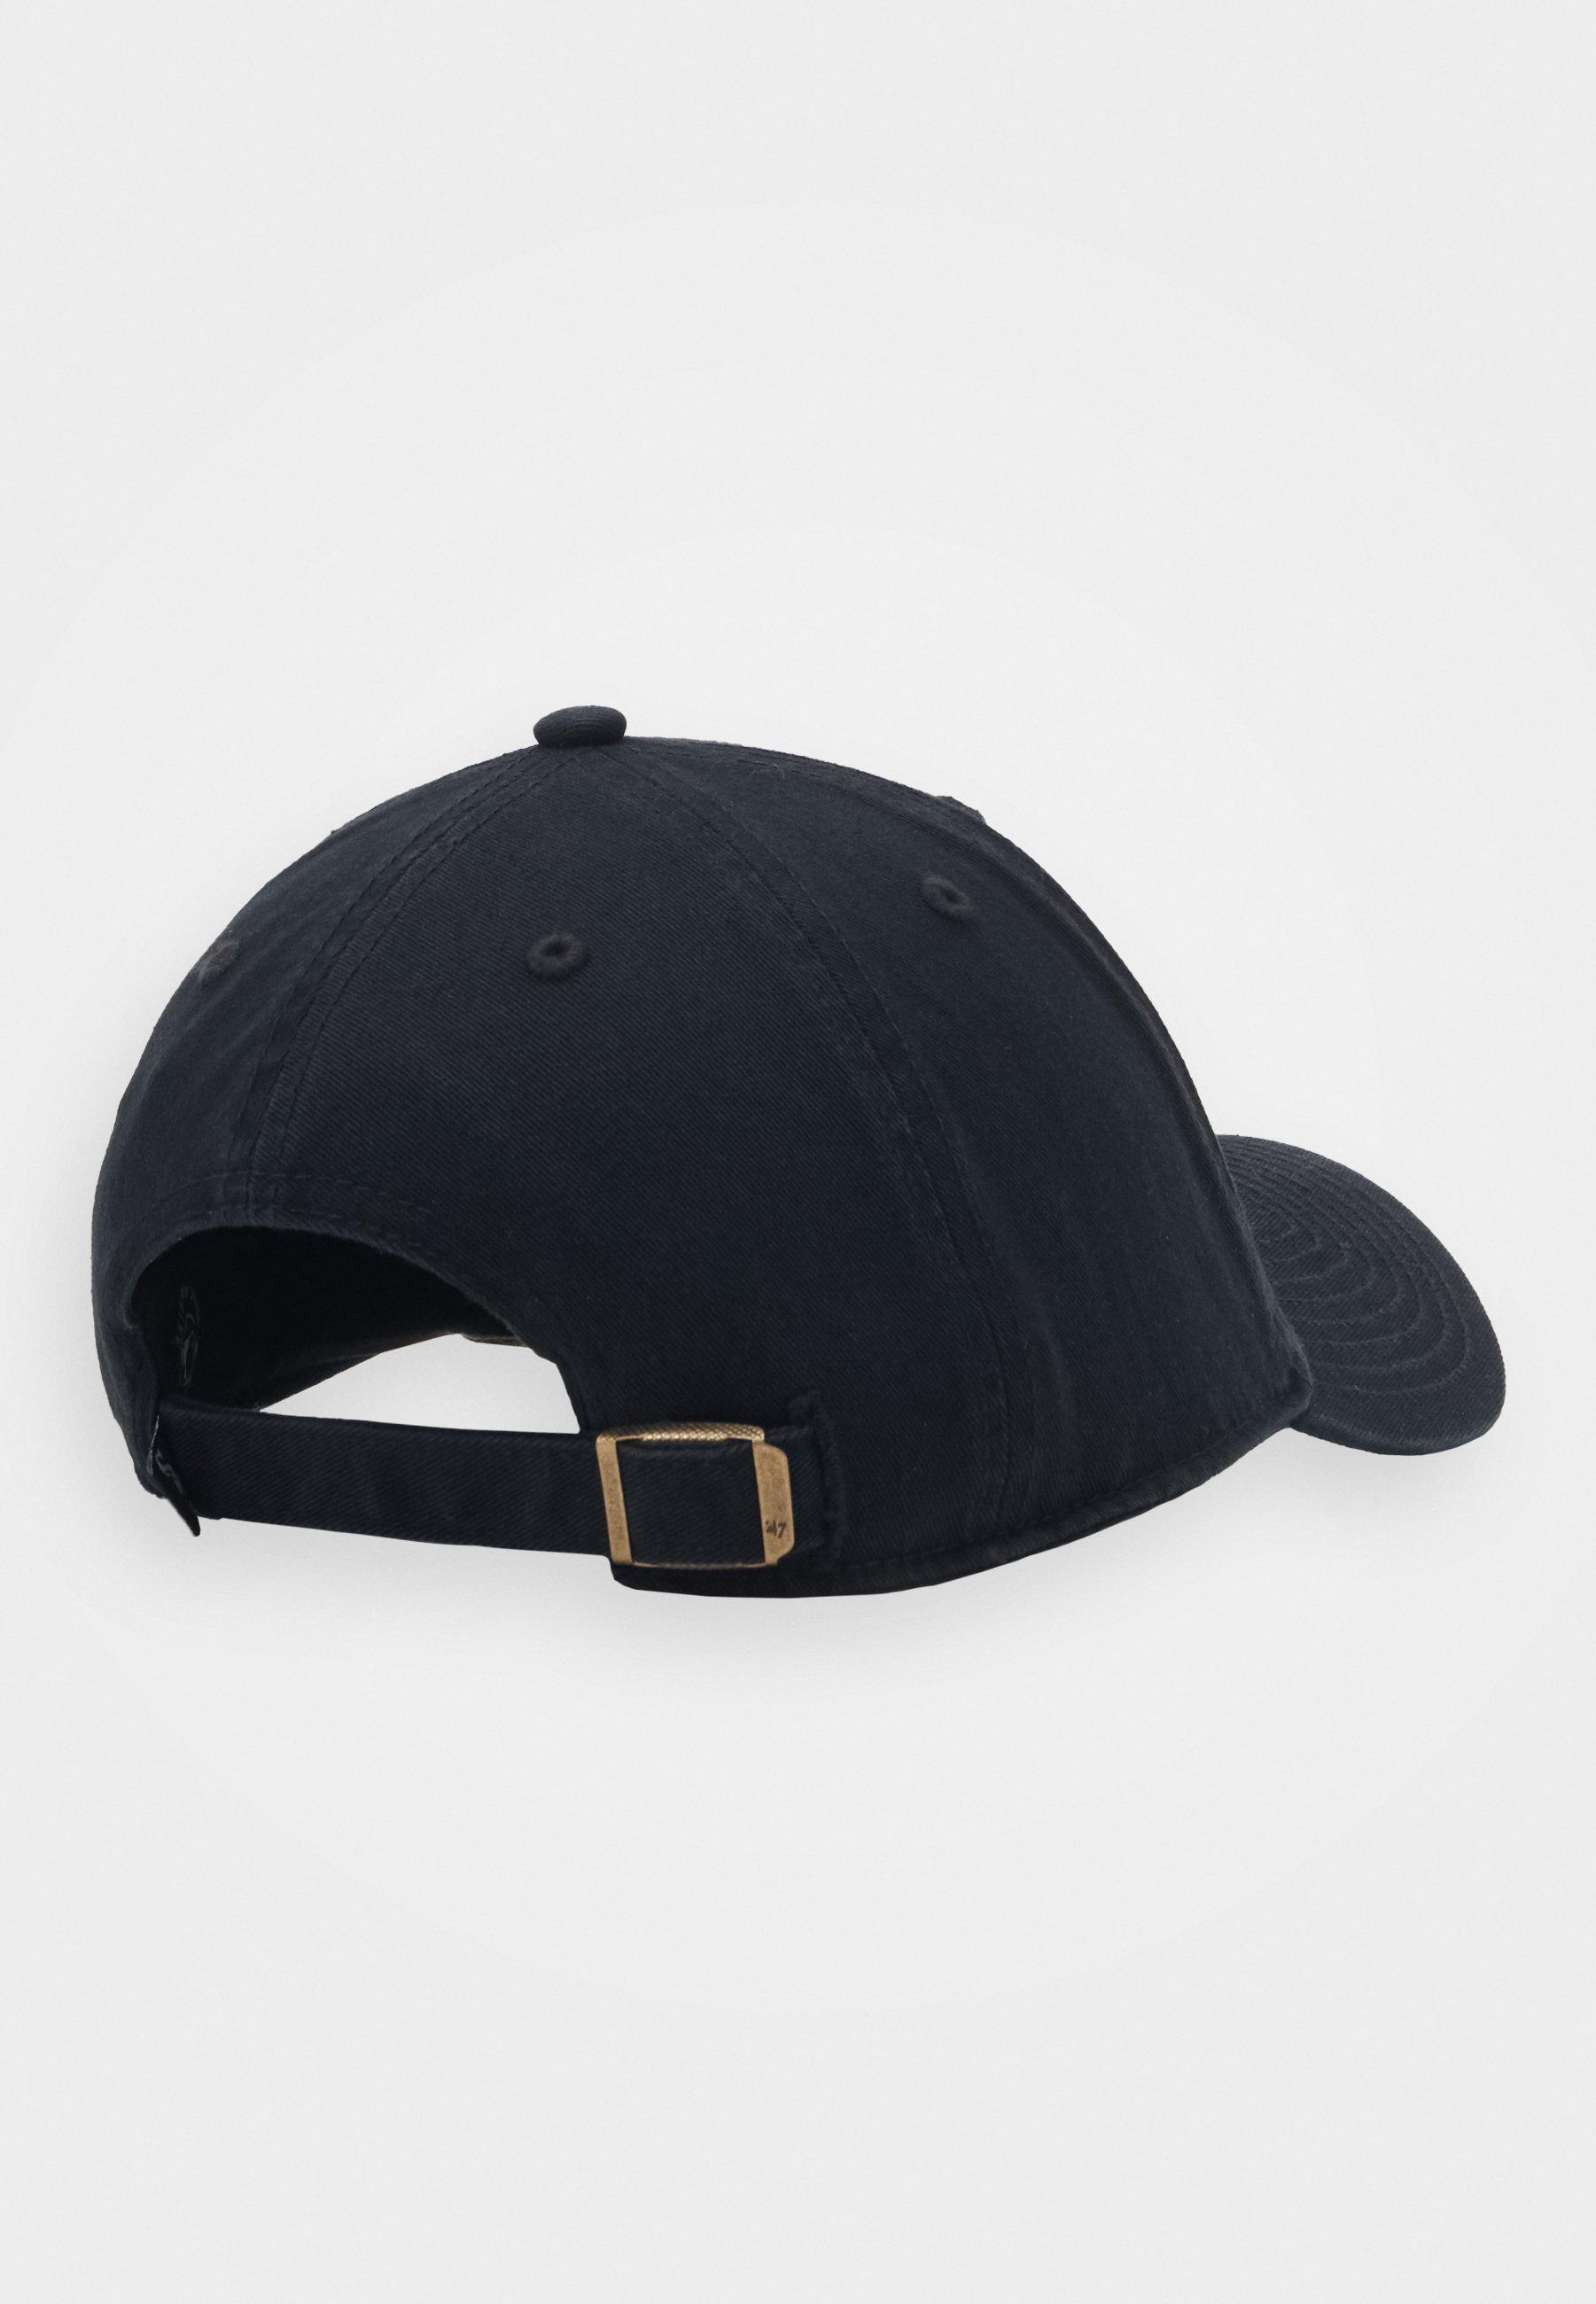 '47 Mlb Chicago White Sox - Cap Black/schwarz